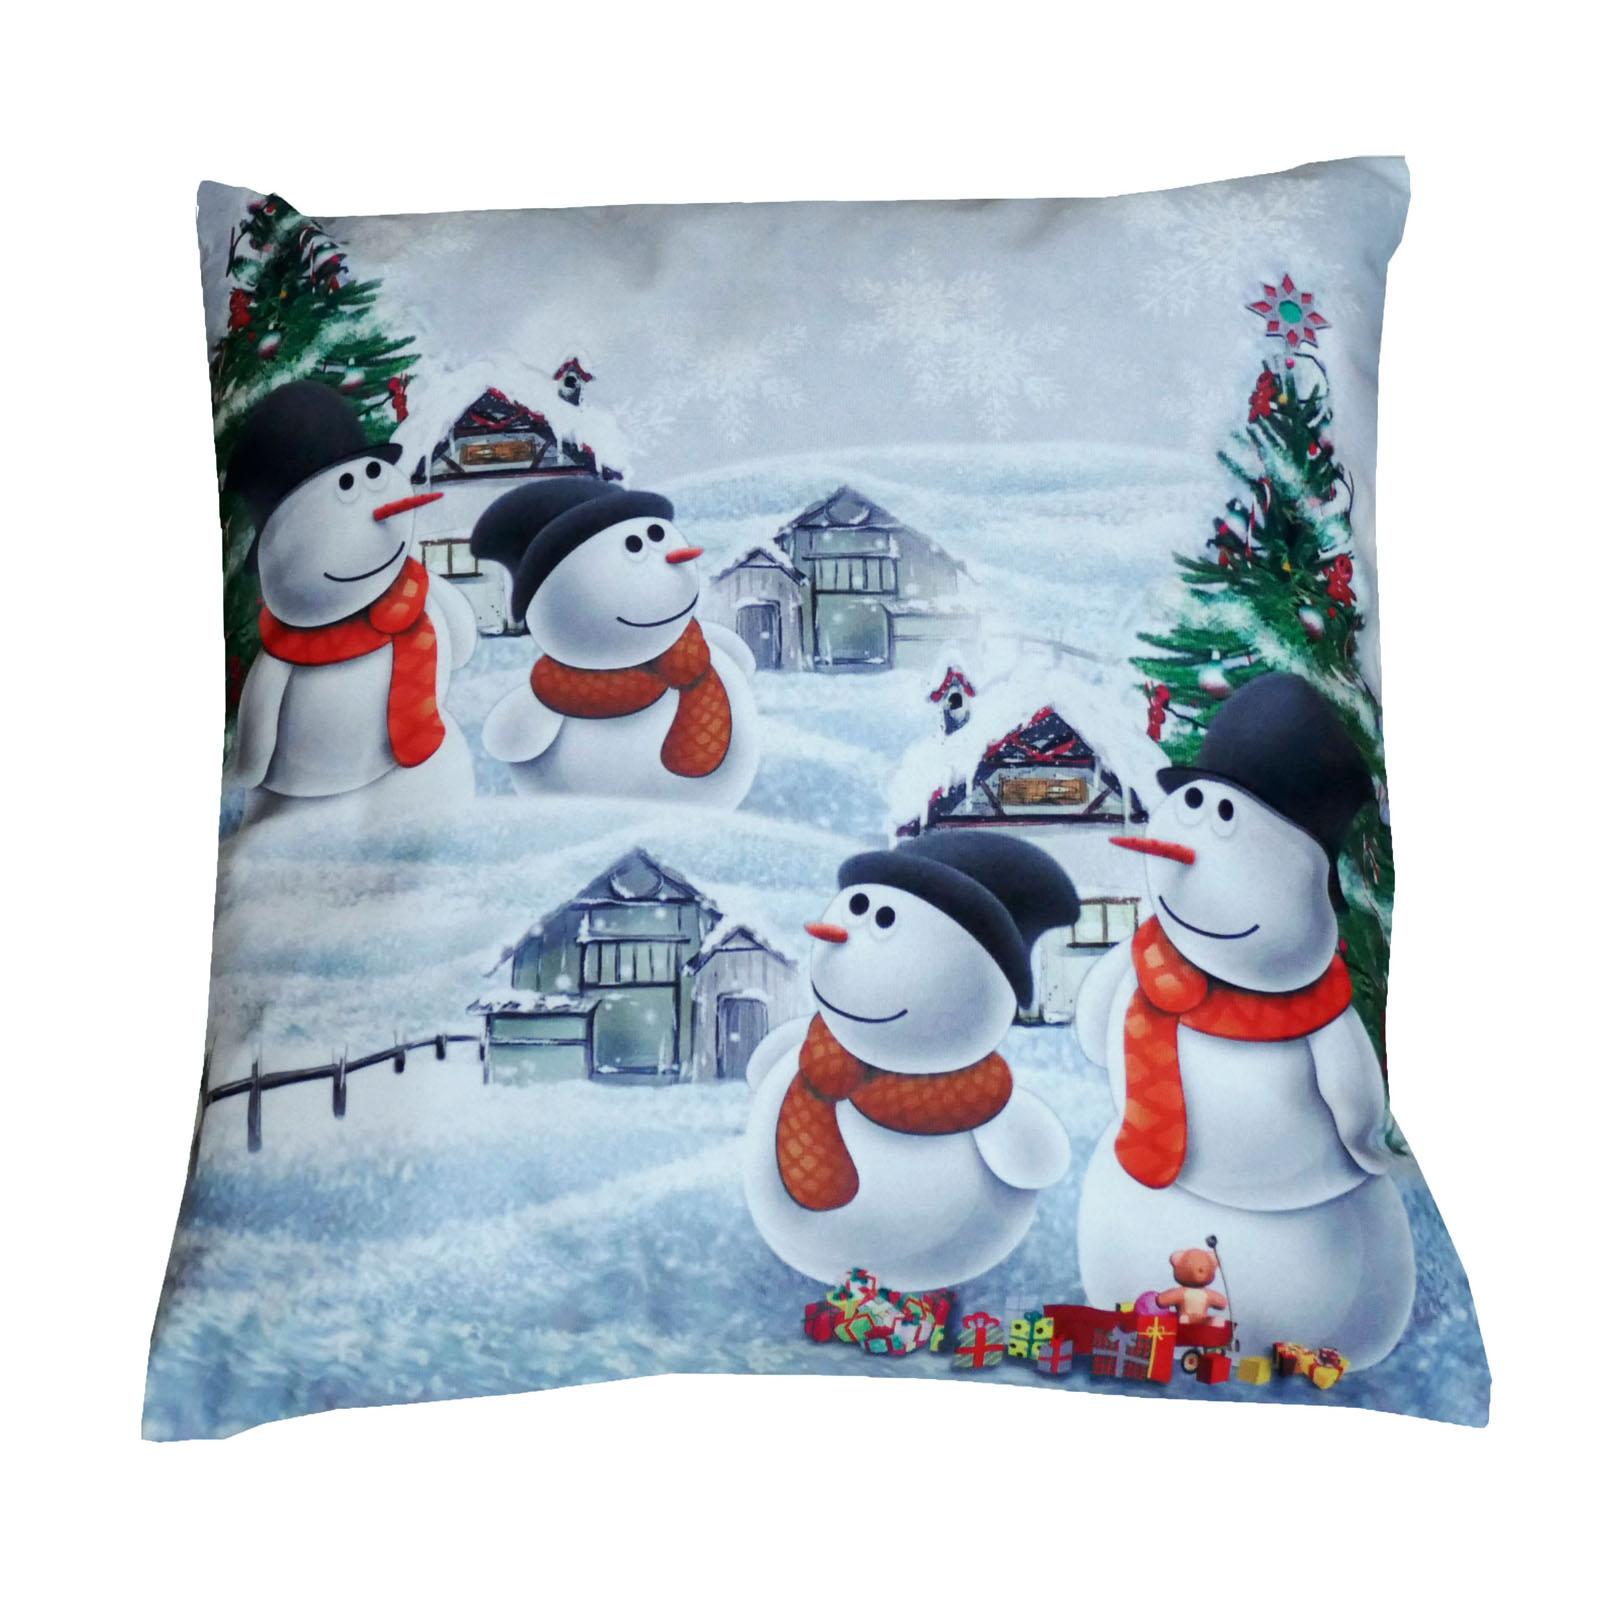 schneemann weihnachten tischdecke tischl ufer kissen. Black Bedroom Furniture Sets. Home Design Ideas